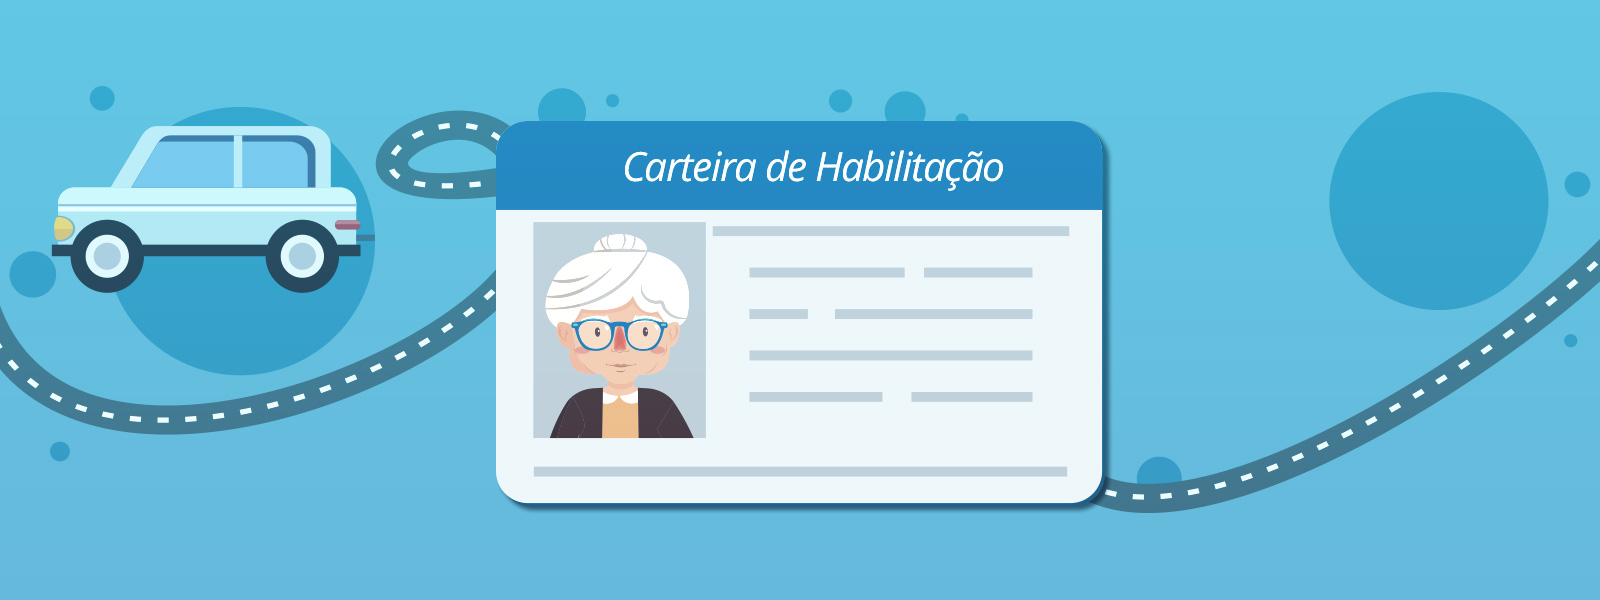 91-anos-mulher-tira-primeira-cnh-pr-blog-ceabs